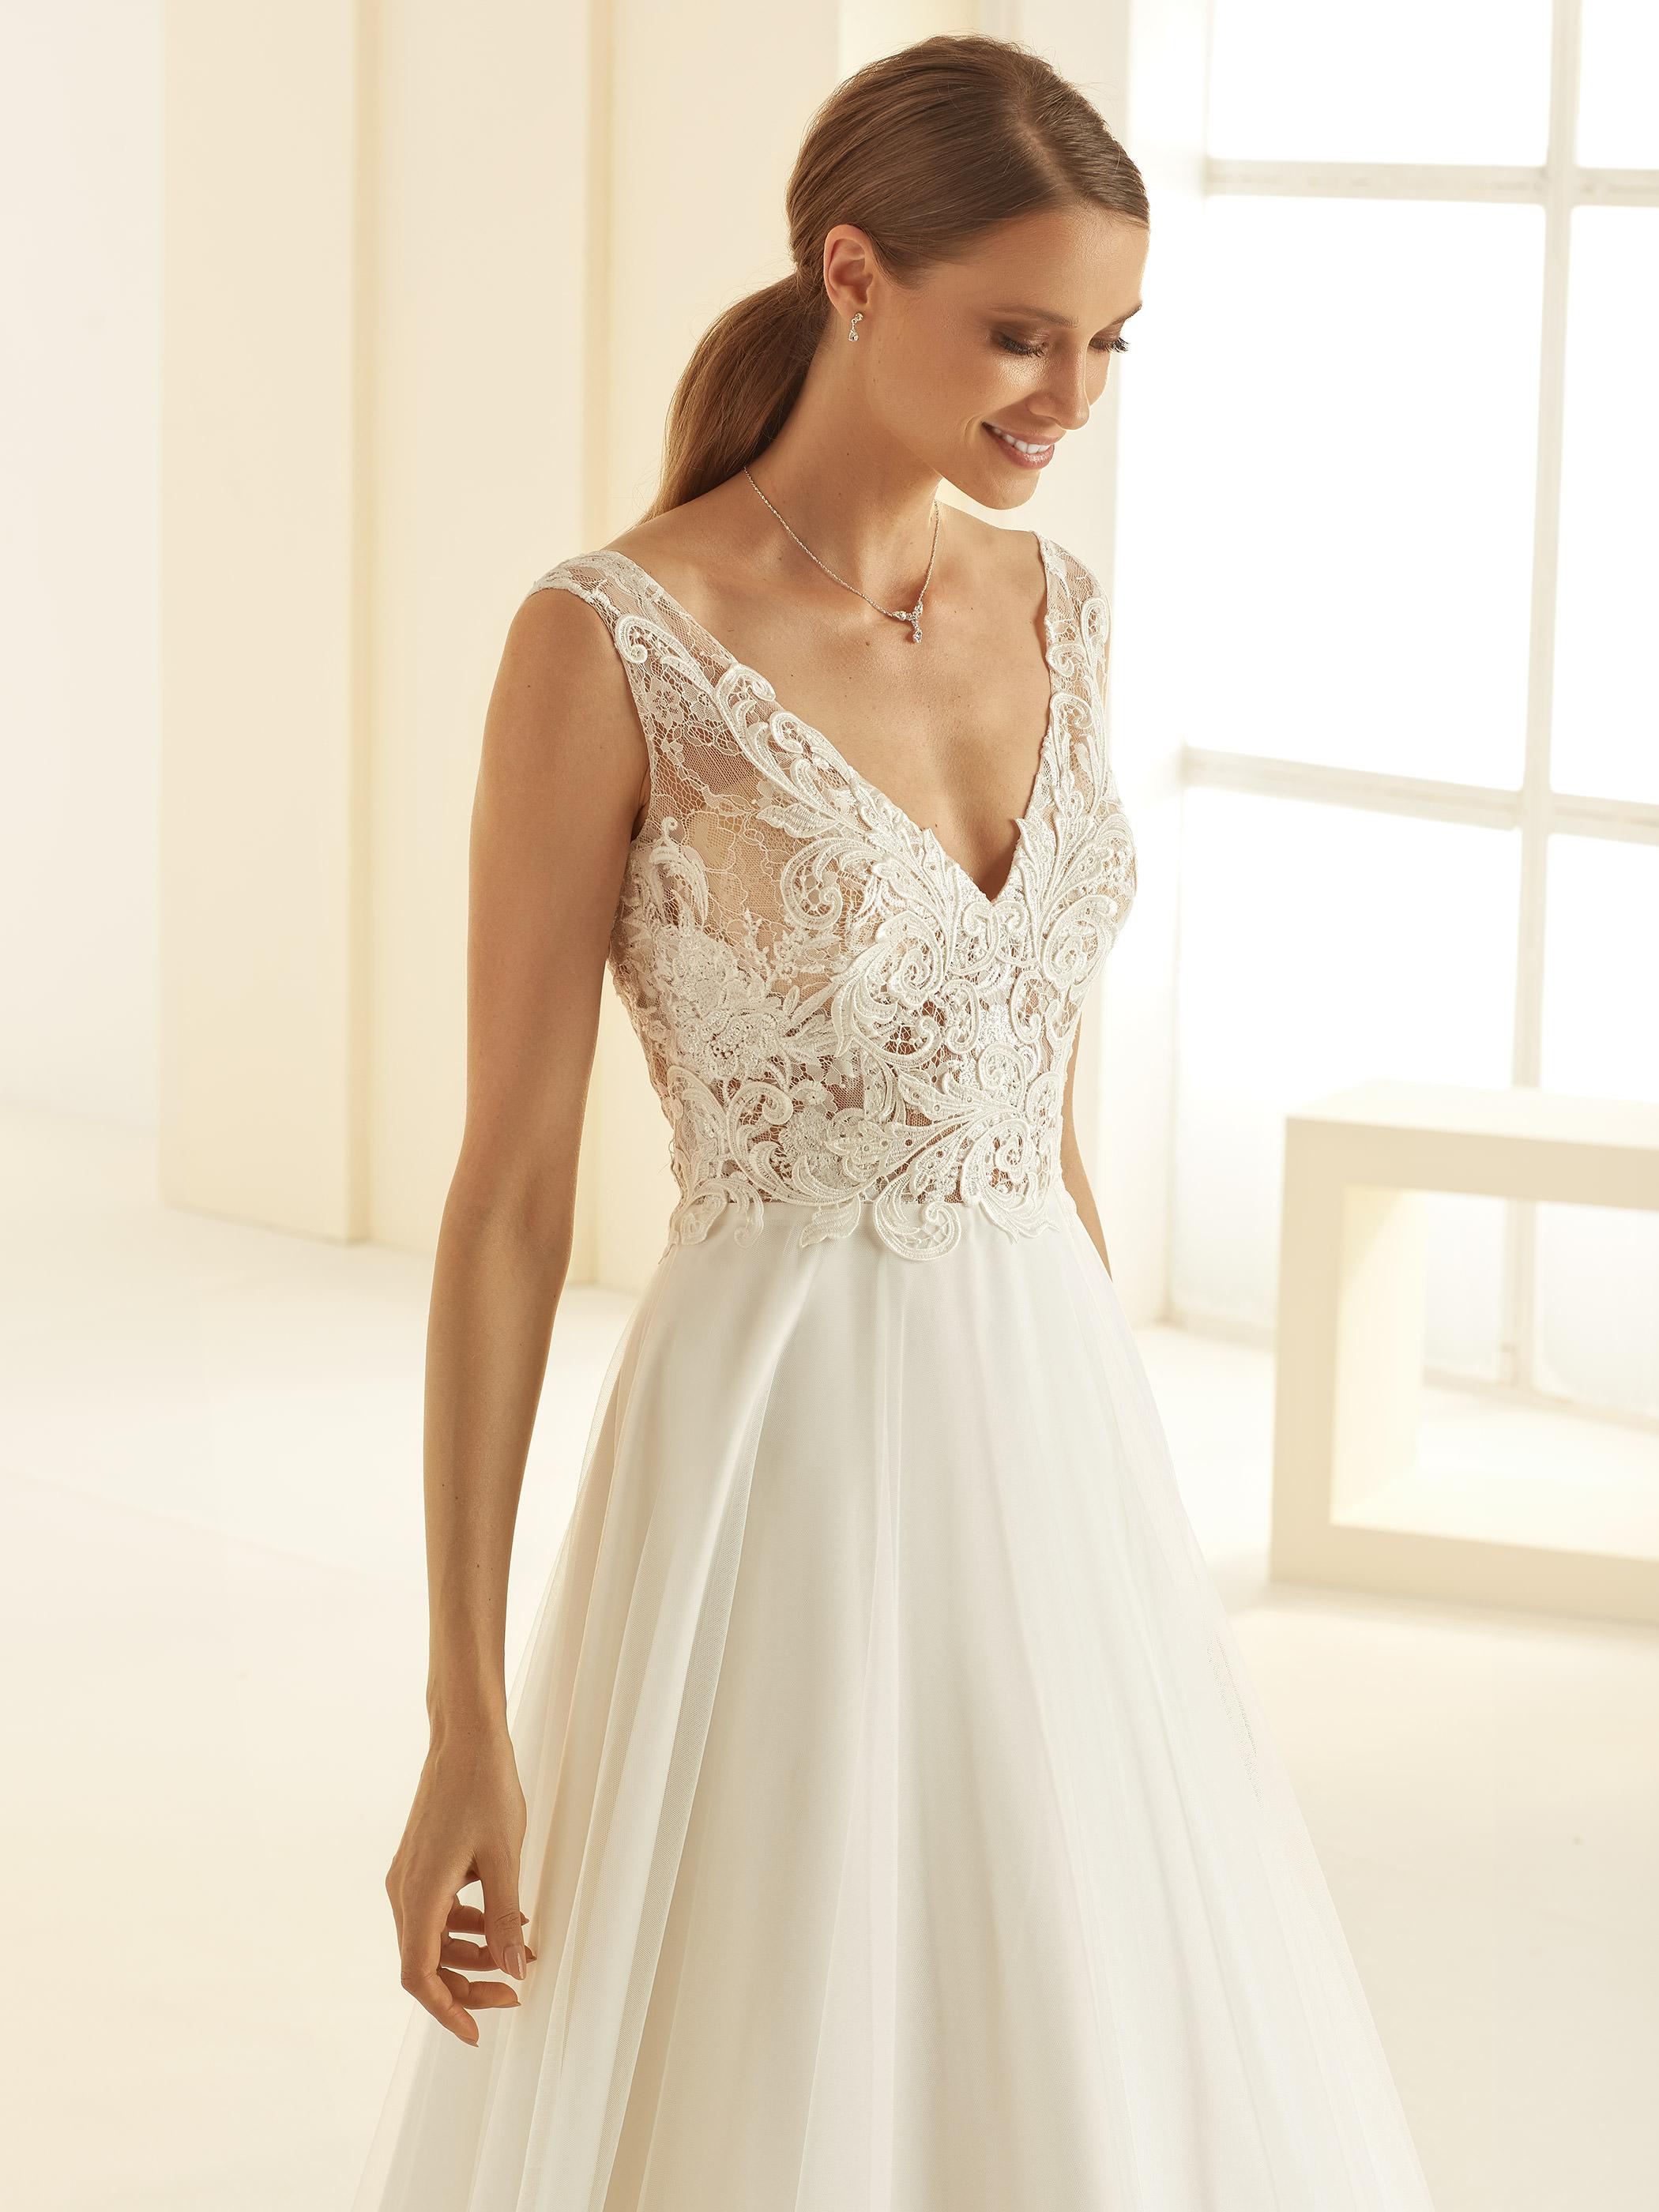 PRECIOSA-Bianco-Evento-bridal-dress-(2)